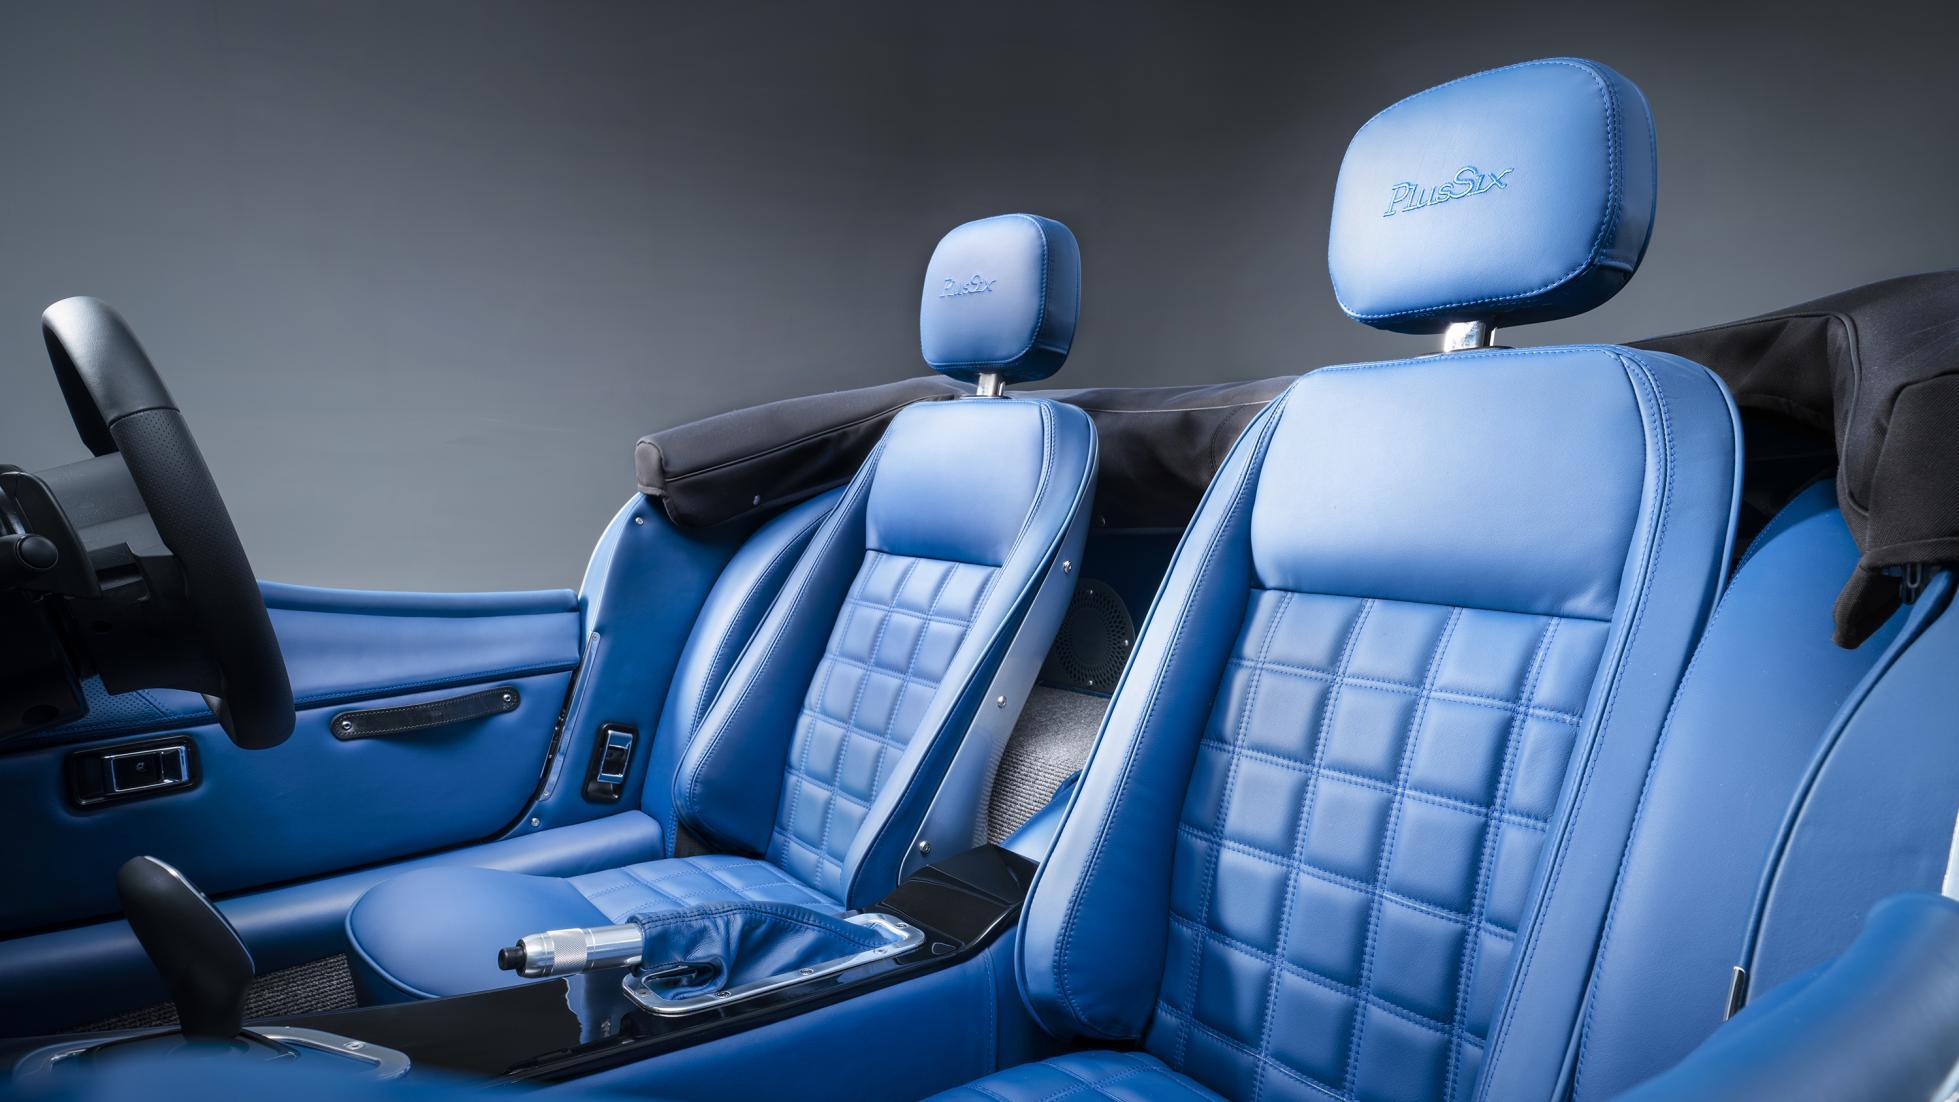 Morgan Plus Six seat detail